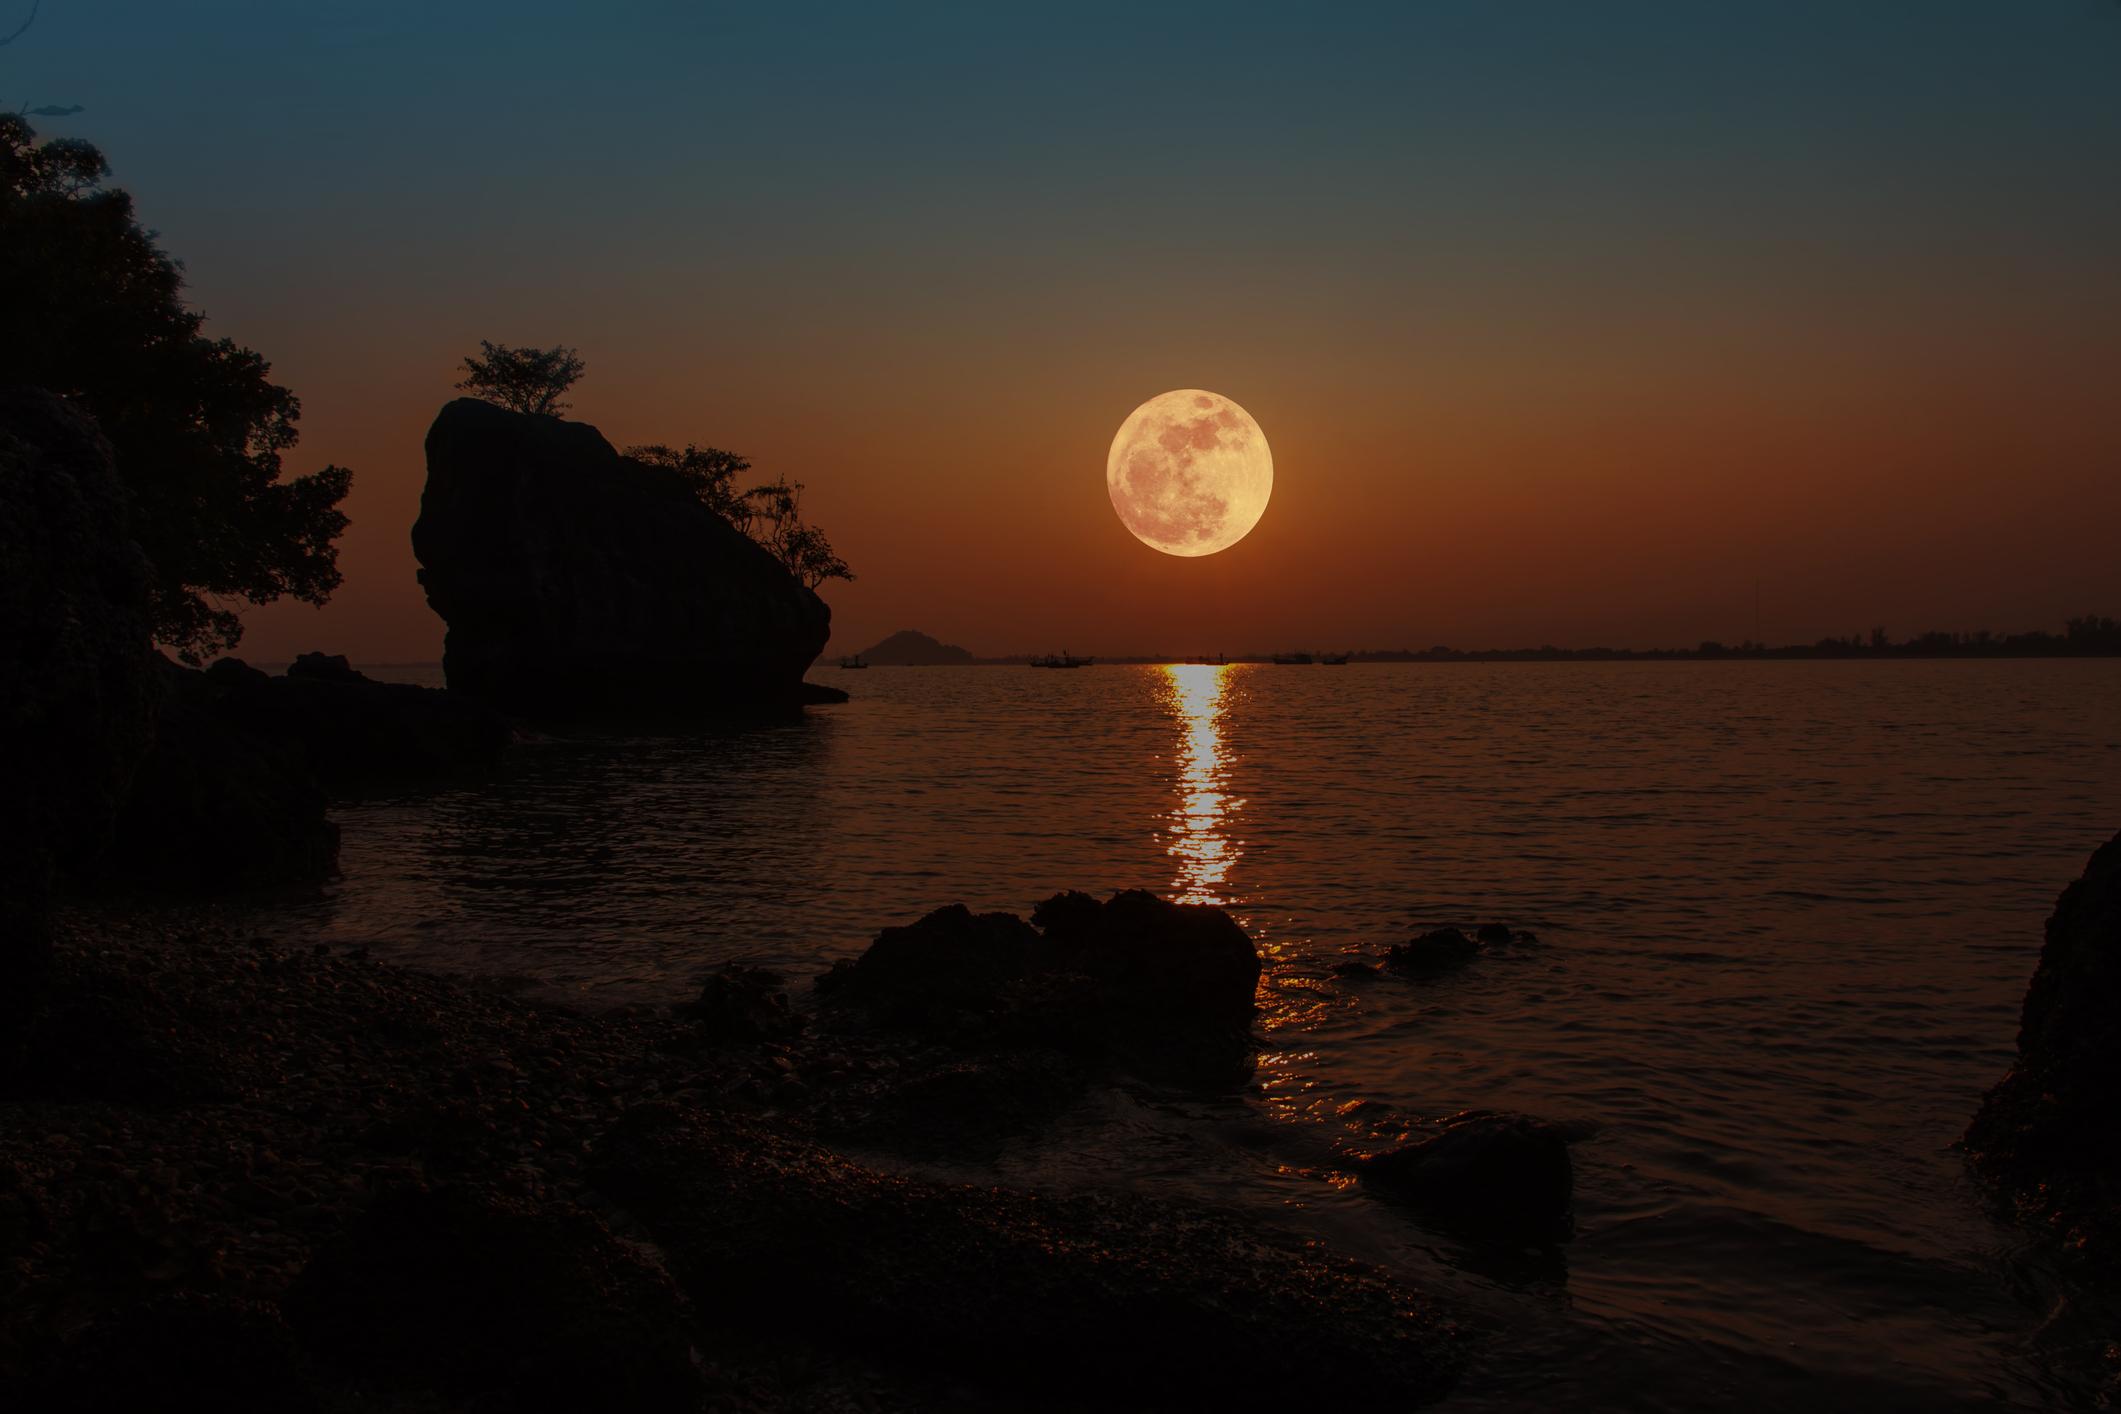 Πανσέληνος 2 Σεπτεμβρίου στους Ιχθείς: Ένα φεγγάρι με θετικές προοπτικές!